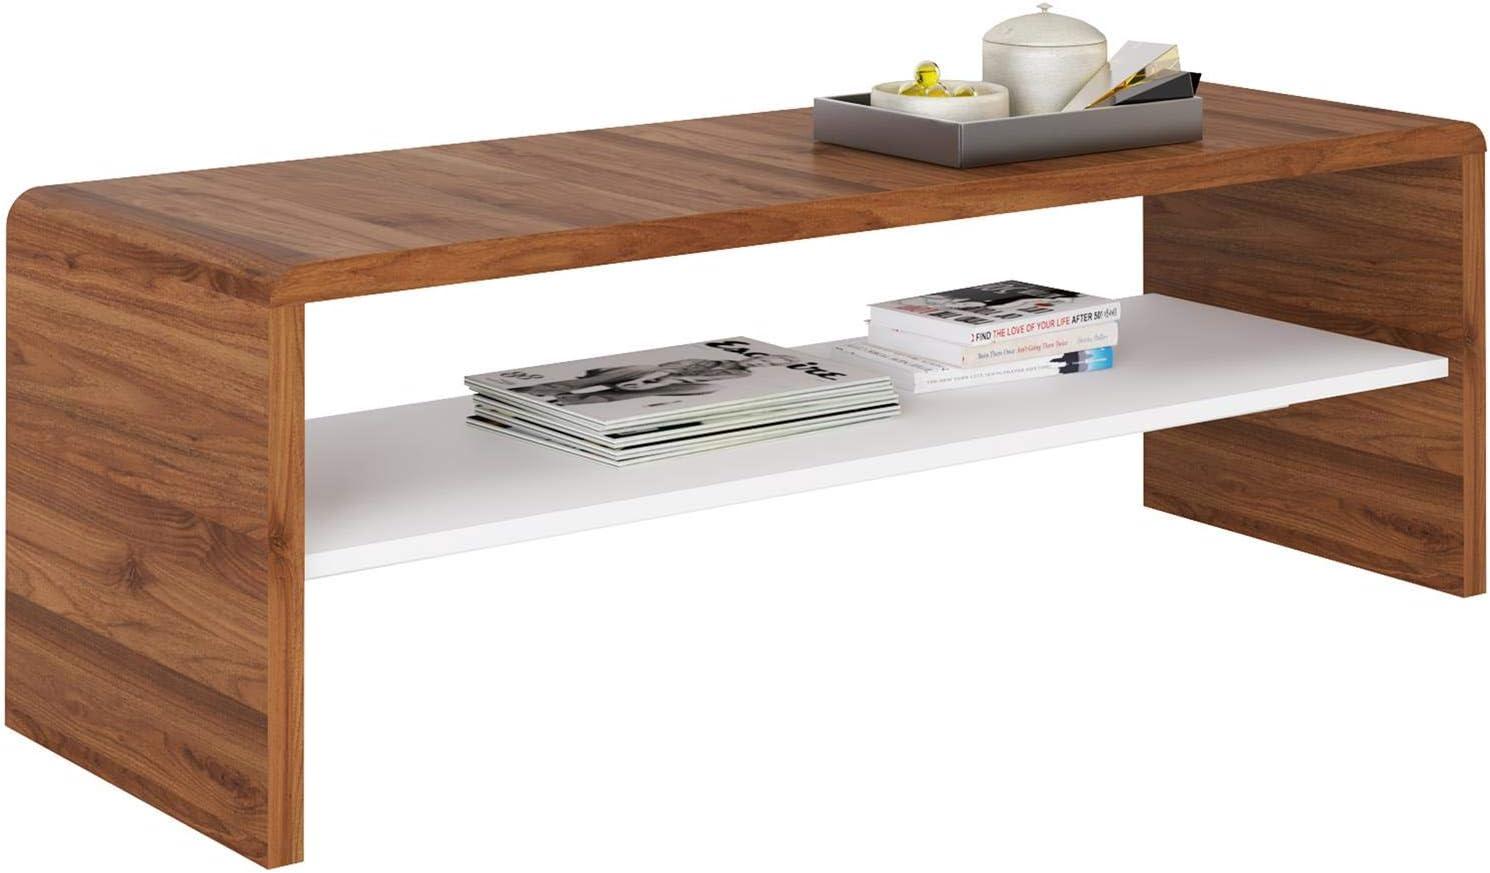 en m/élamin/é d/écor b/éton Table de Salon rectangulaire ou Meuble TV de 120 cm avec 1 /étag/ère Espace de Rangement Ouvert IDIMEX Table Basse Noelle